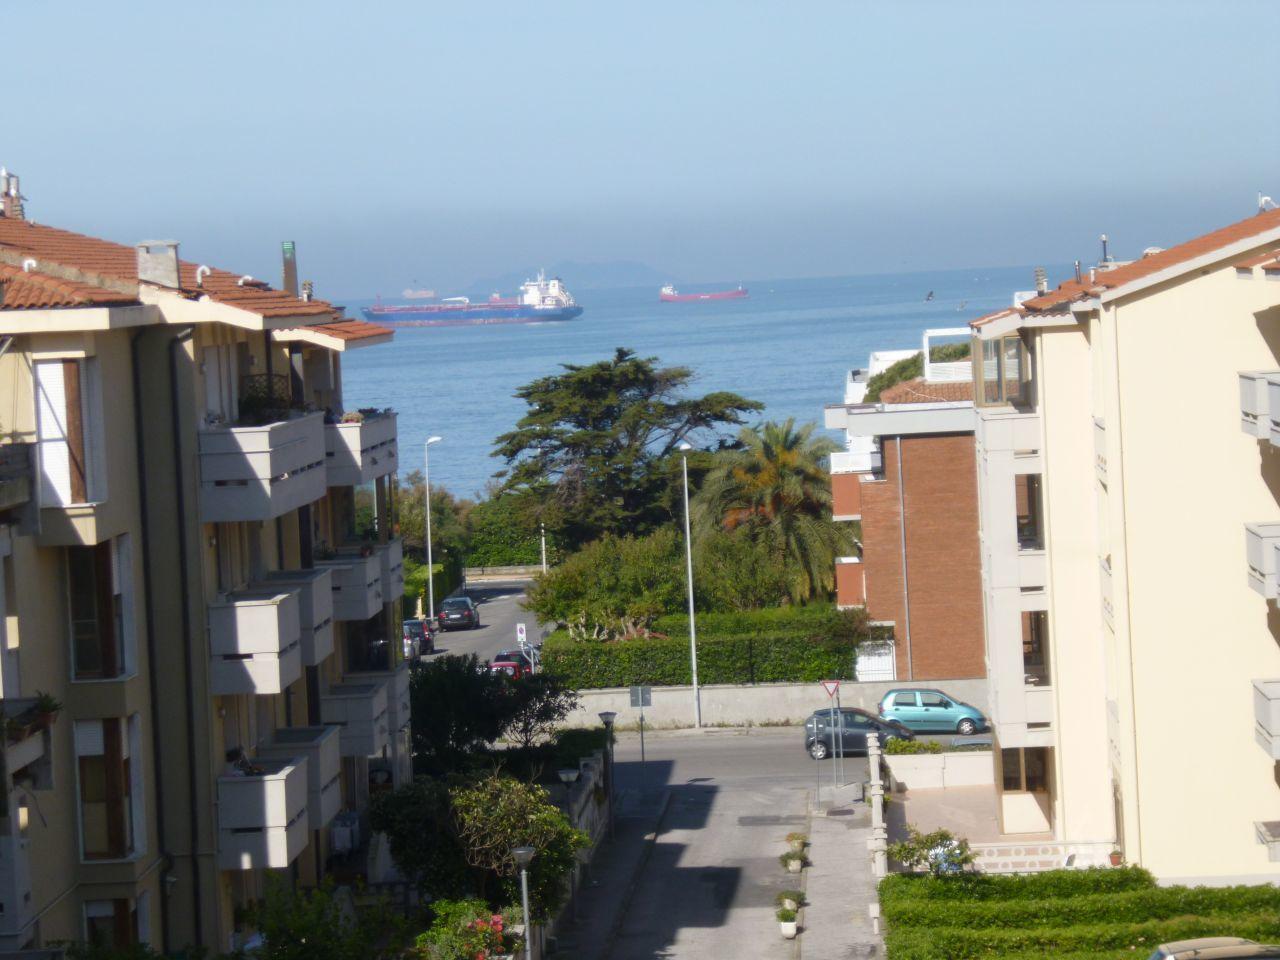 Attico / Mansarda in vendita a Livorno, 5 locali, prezzo € 535.000 | Cambio Casa.it